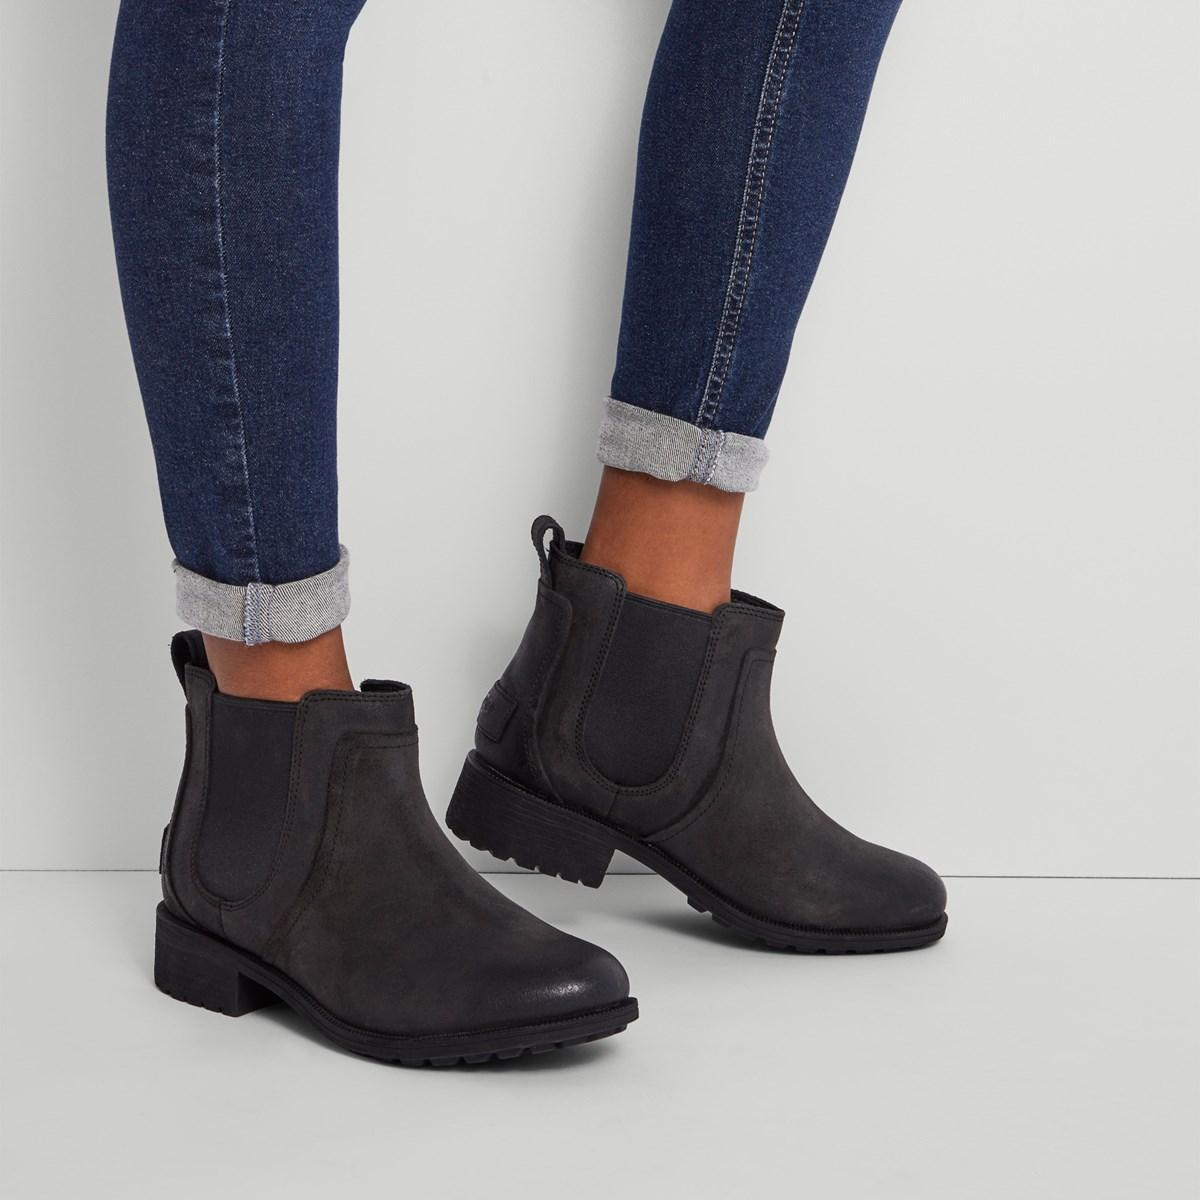 e59f09121318c promotional Women s Bonham II Chelsea Boots in Black. Previous. default  view  ALT1